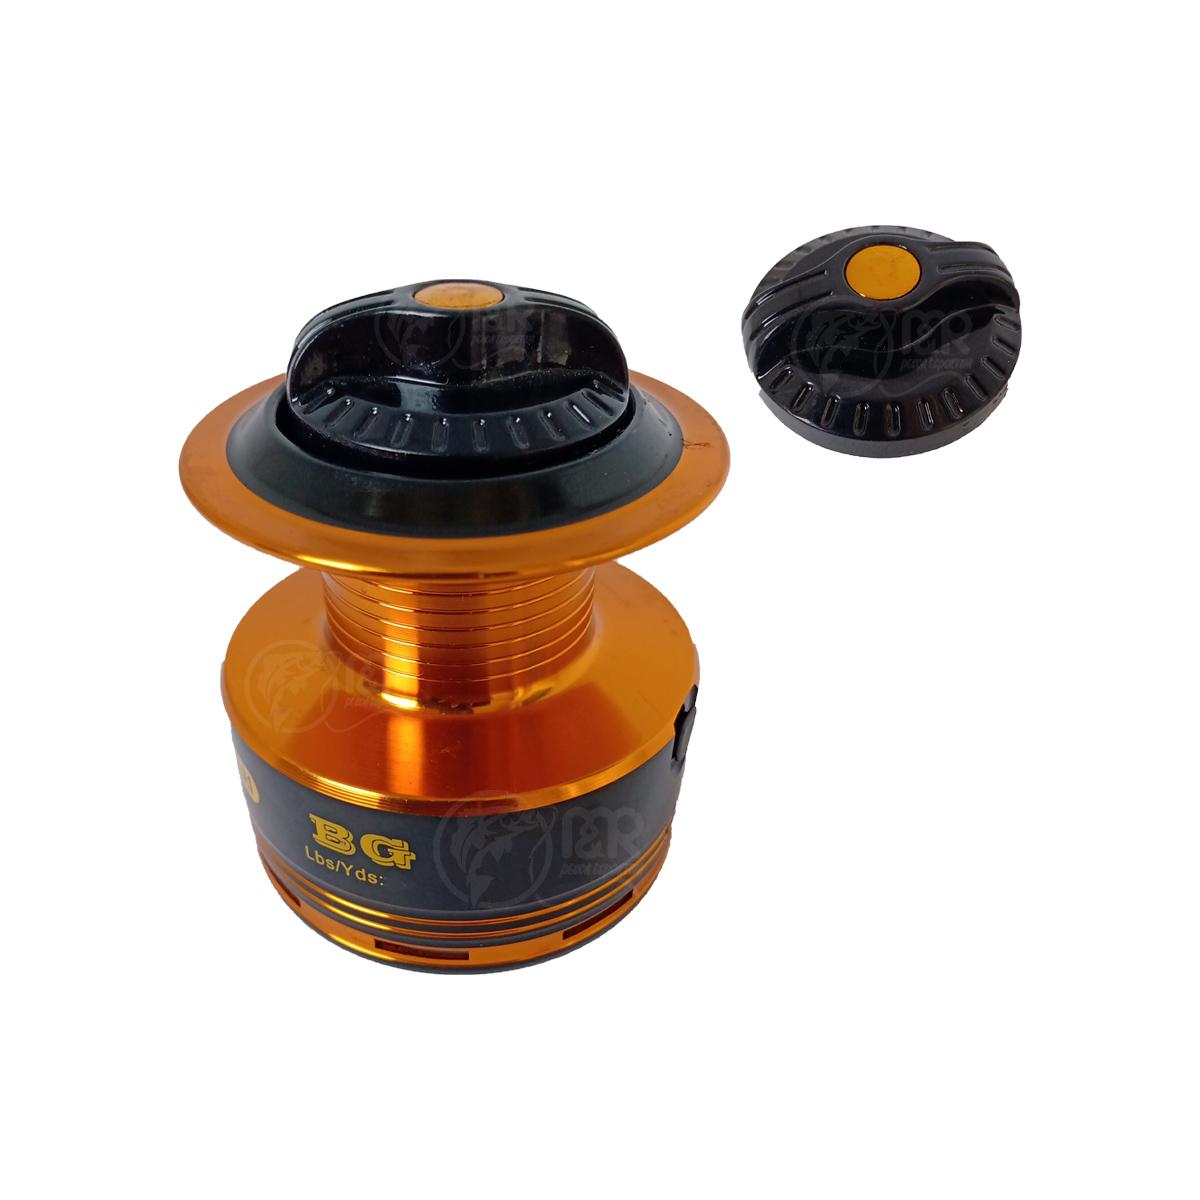 Molinete 2000 BG 10+1 Rolamento Carretel Alumínio Drag 2,5kg